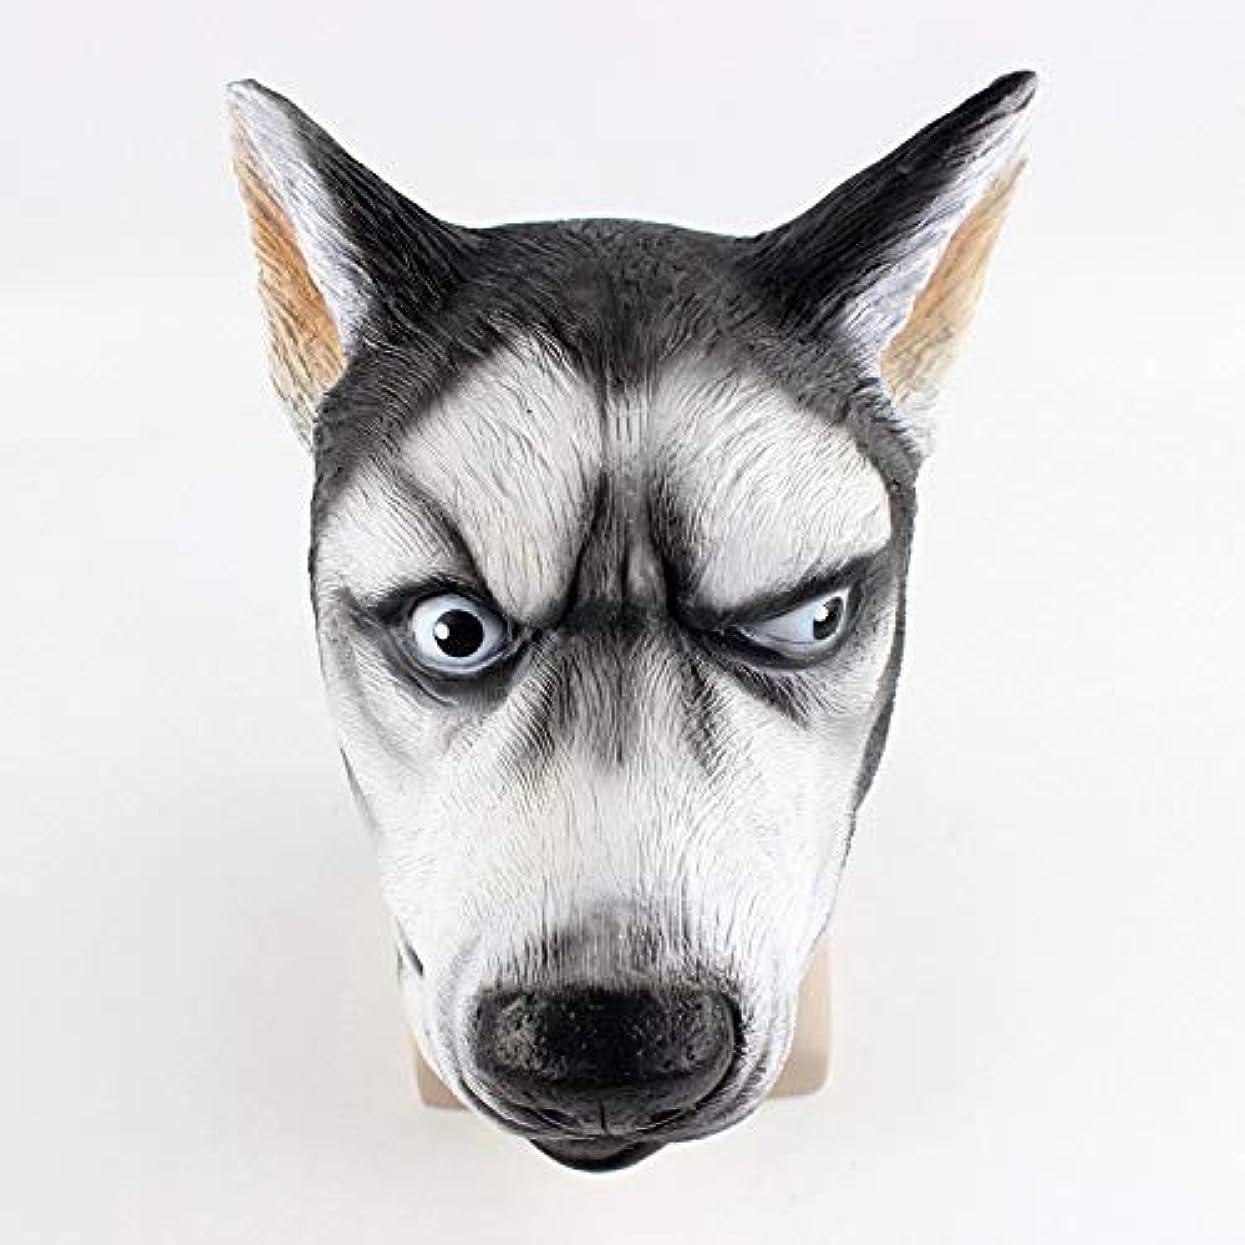 フェッチ既に浪費シベリアンハスキー犬ラテックス動物ヘッドマスクノベルティコスチュームラバーマスク用ハロウィン動物犬ヘッドマスク